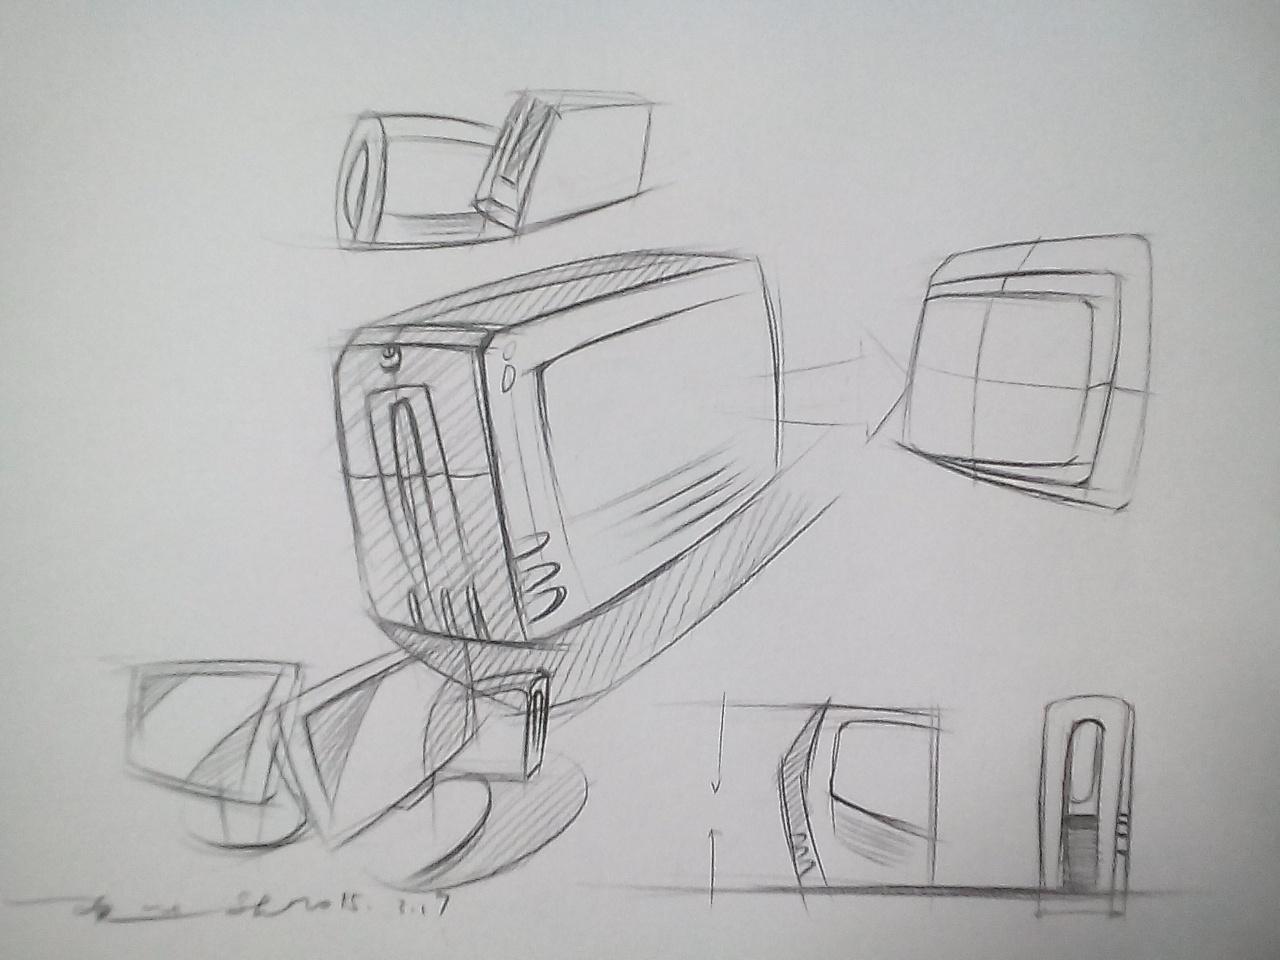 汽车手绘 工业/产品 交通工具 sj18380434309 - 原创